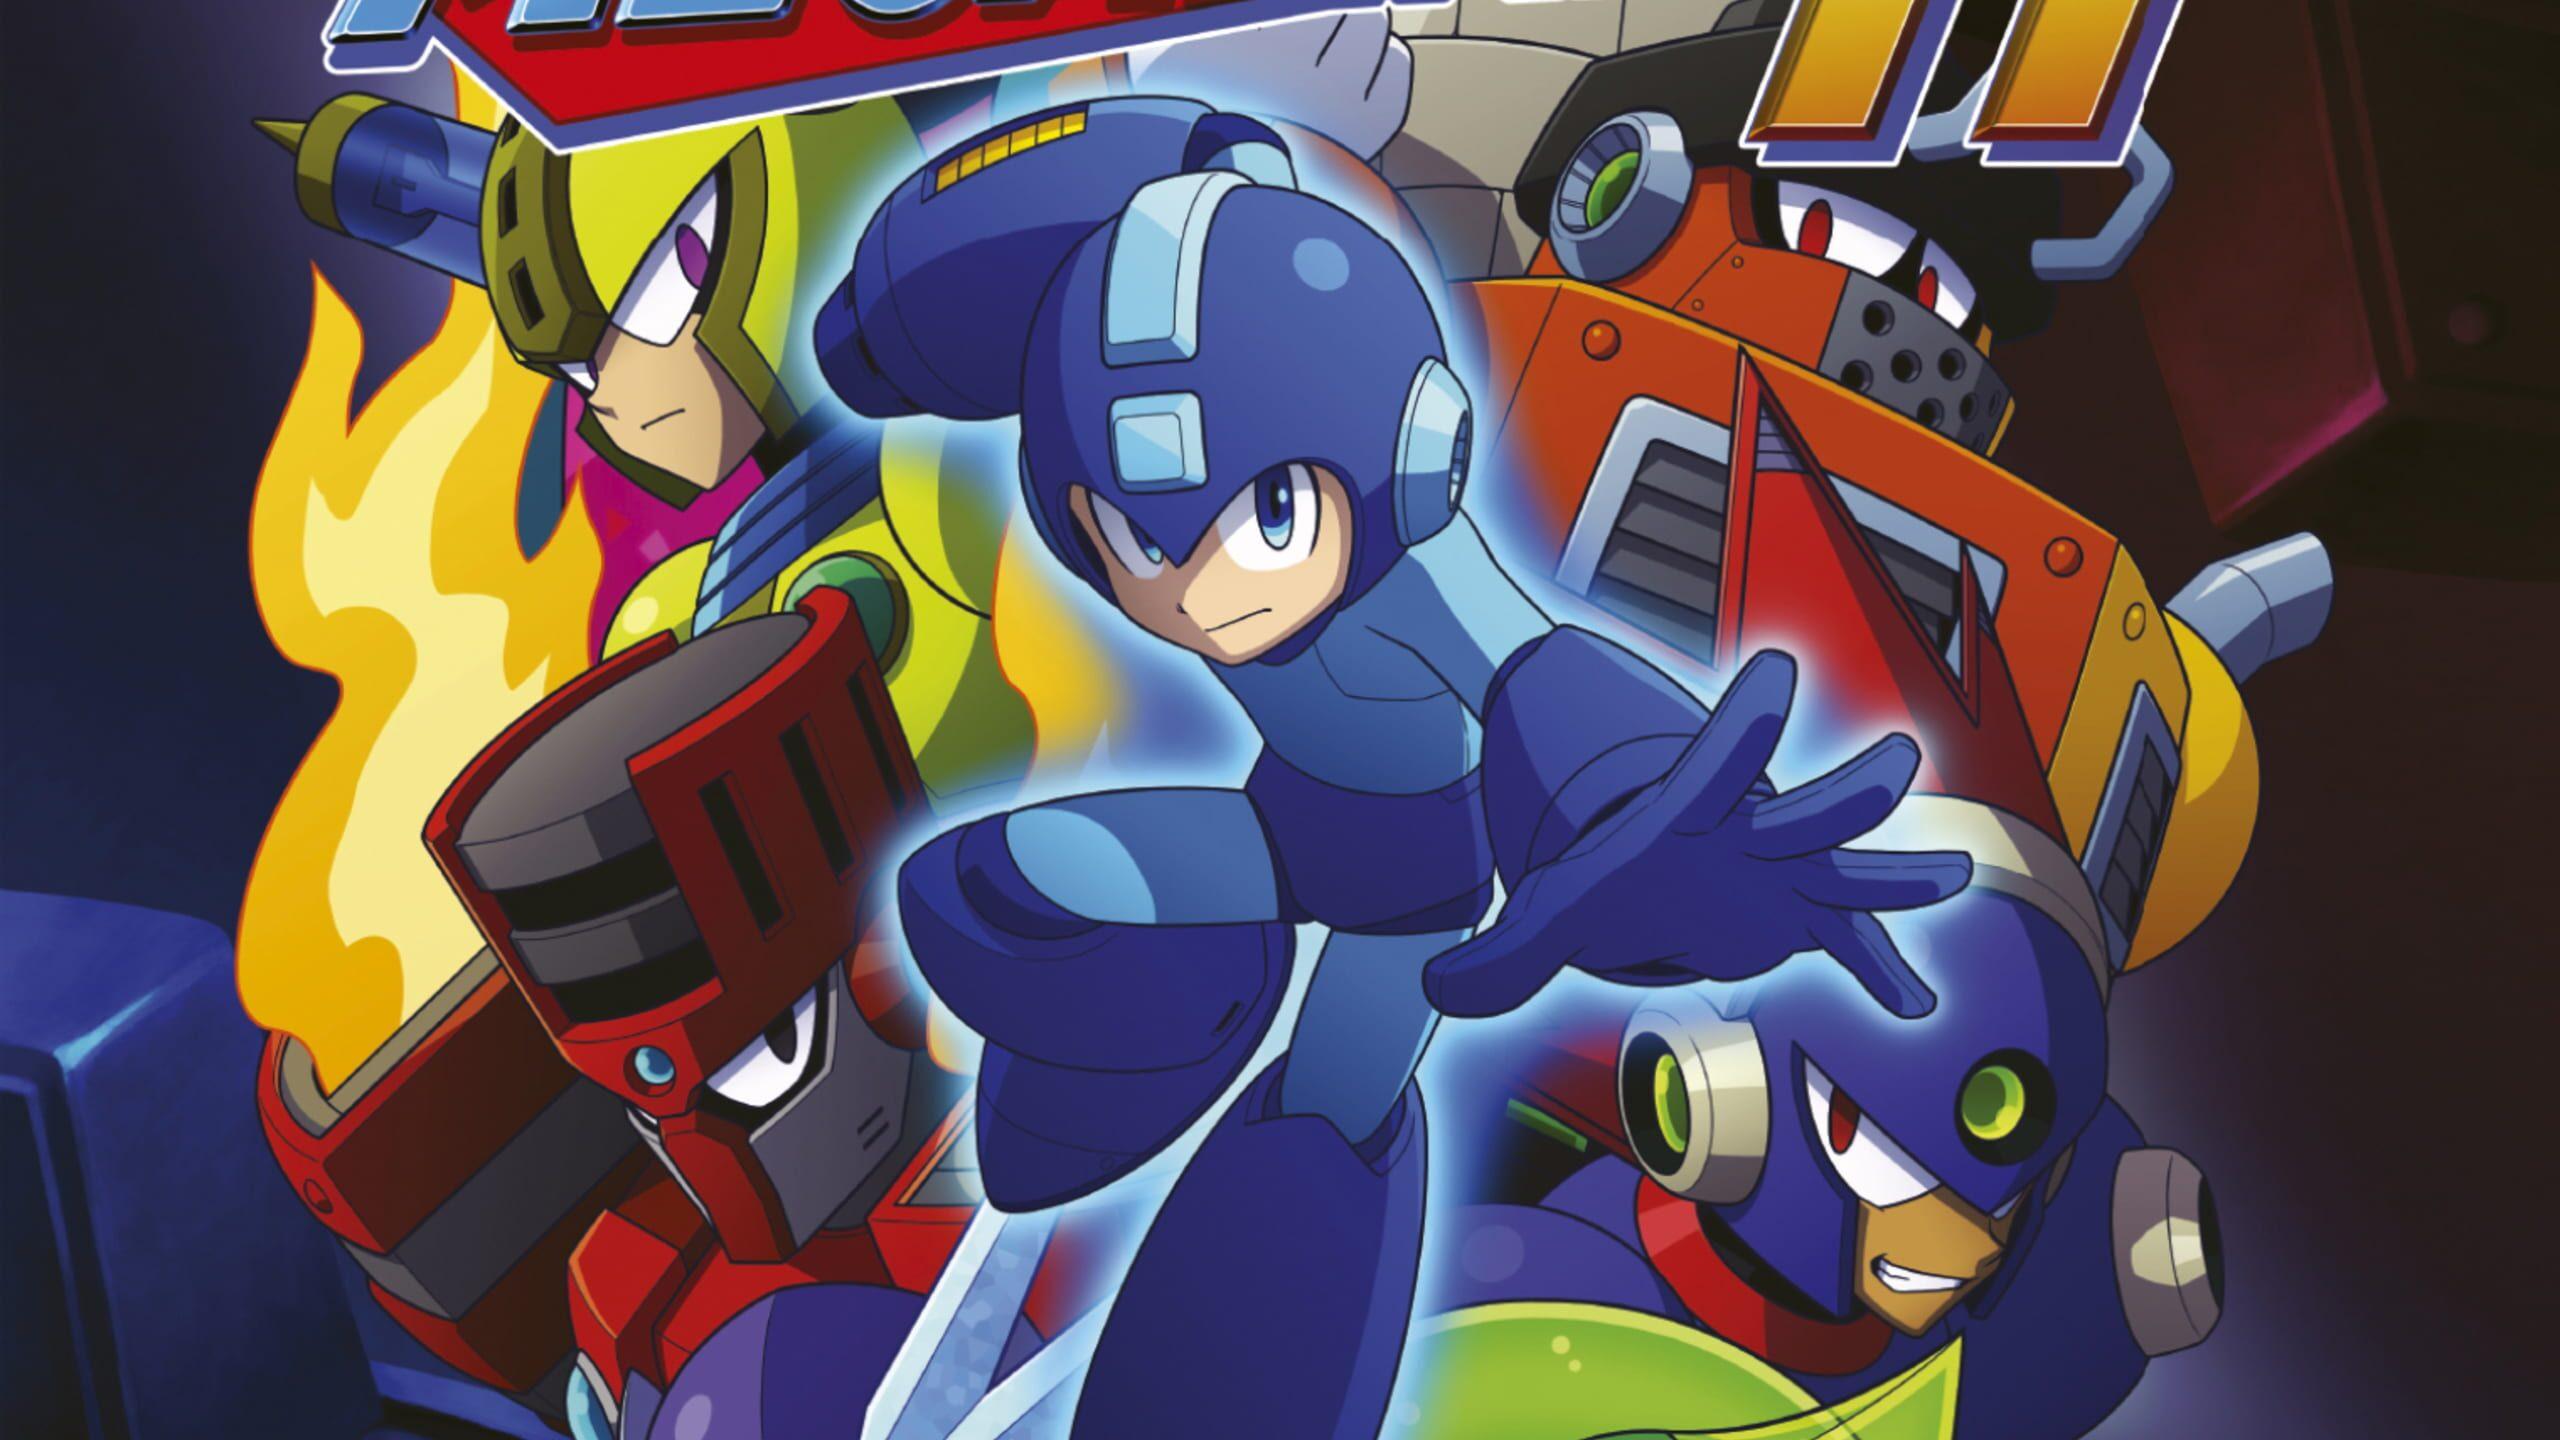 game cover art for Mega Man 11